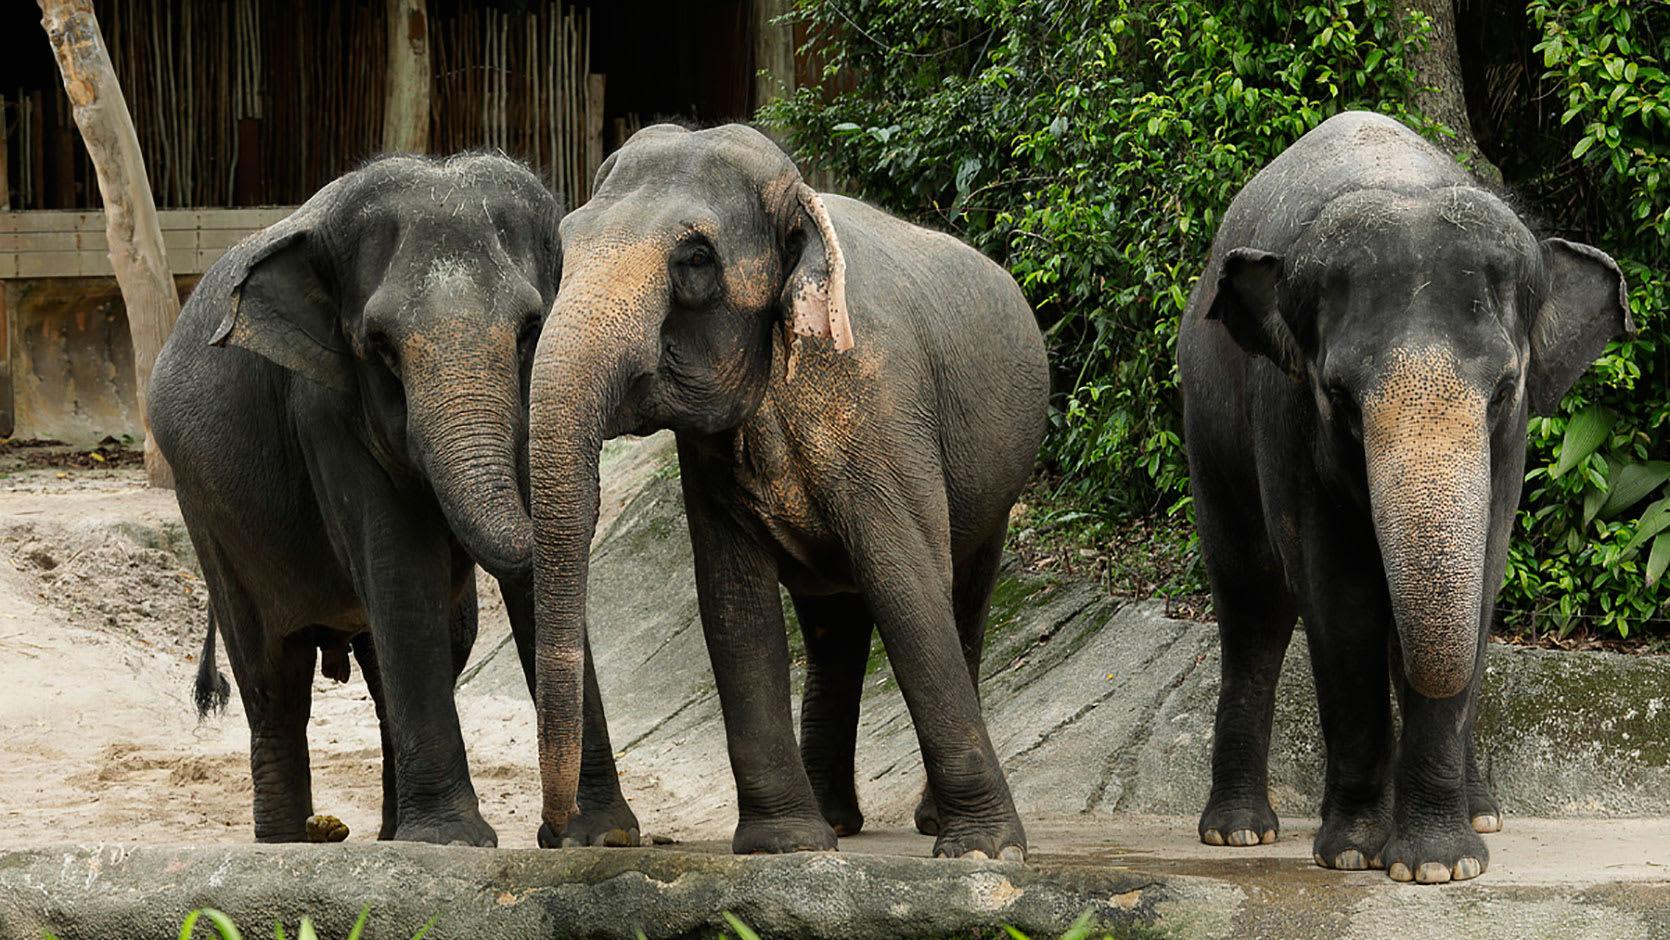 大象既溫馴又聰明。(圖片取自新加坡動物園官網)